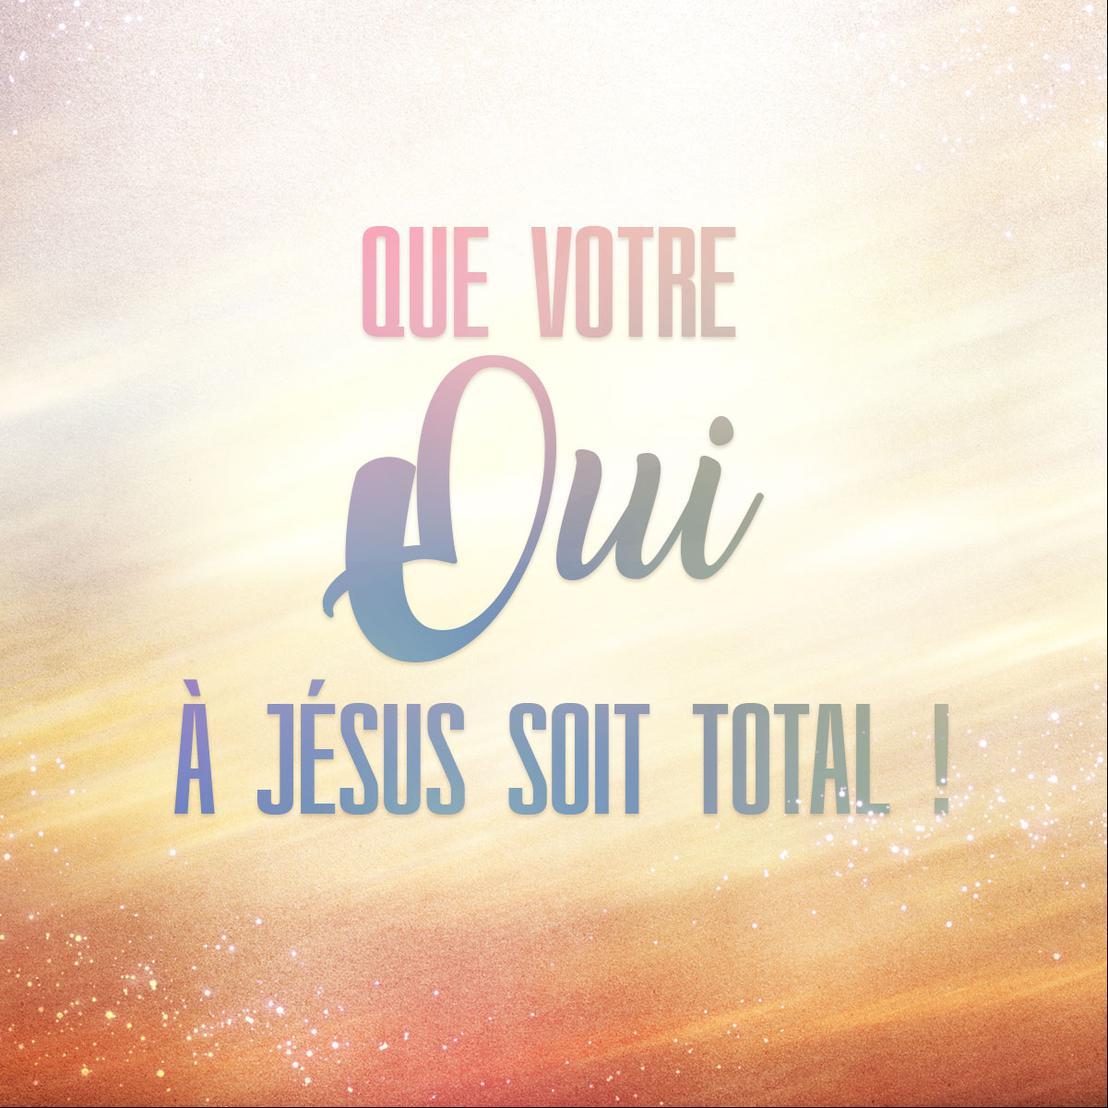 Mon ami(e), que votre OUI à Jésus soit total !